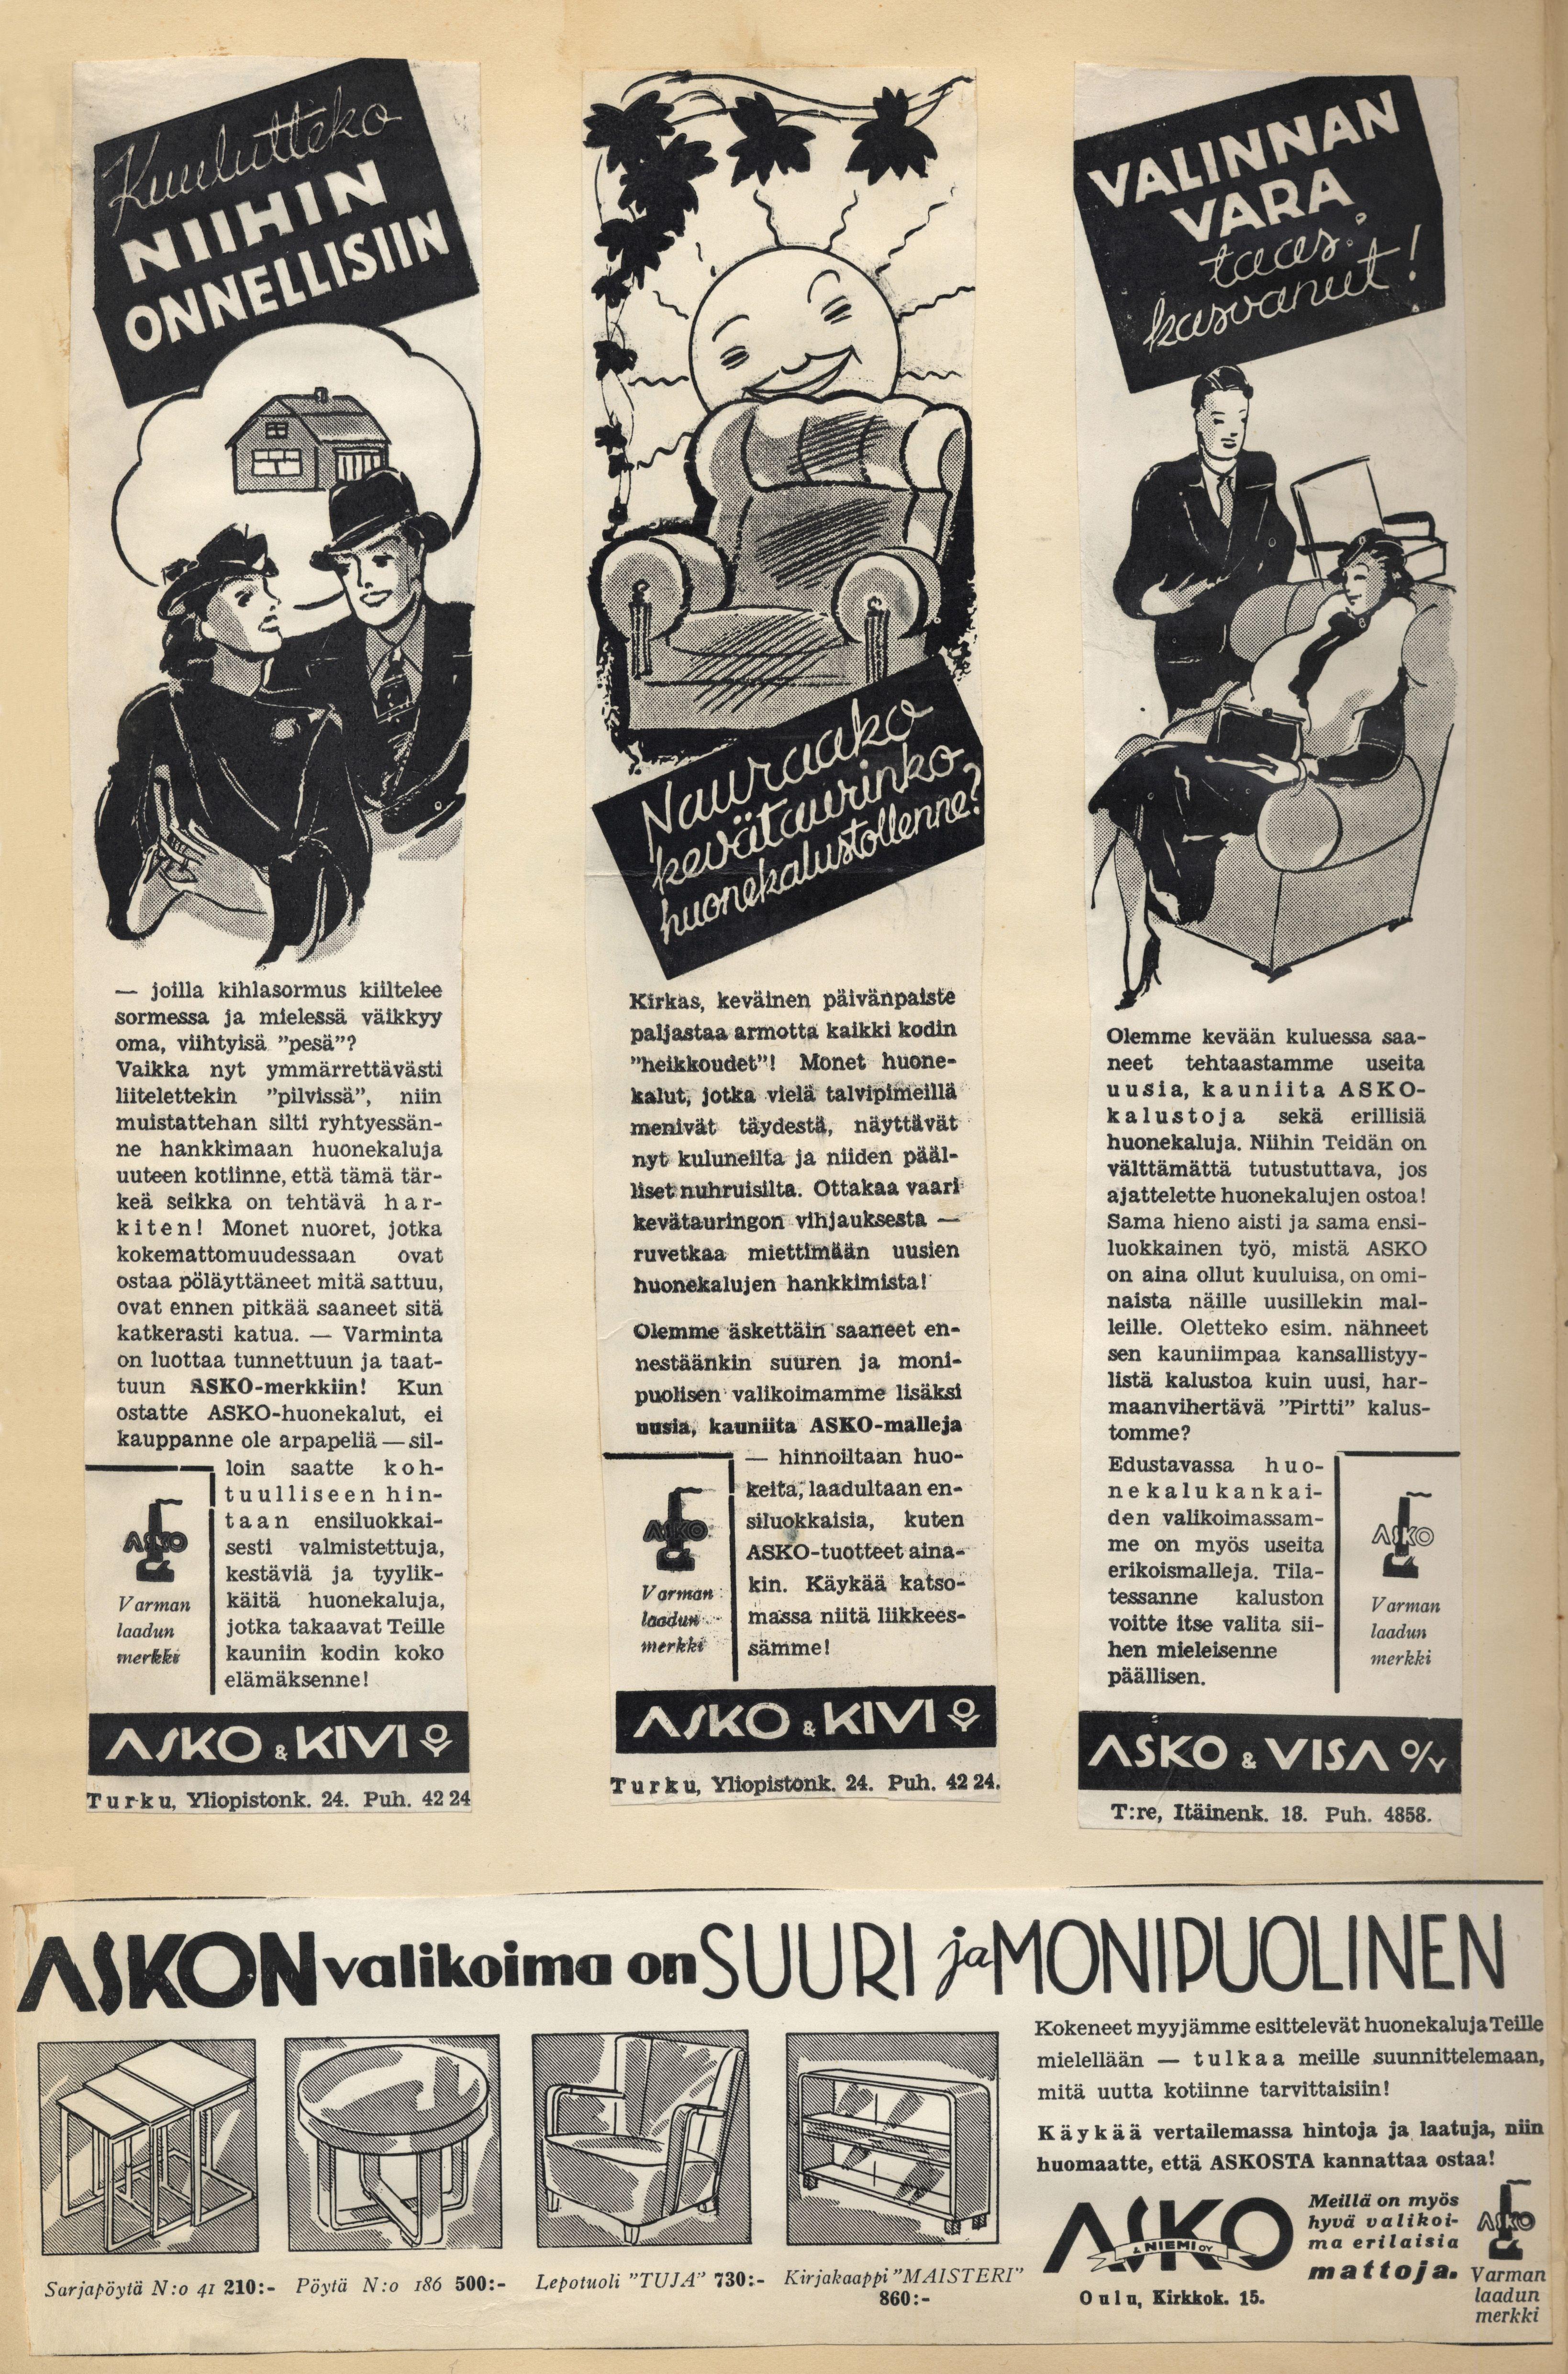 Kuulutteko niihin onnellisiin - Askon vanha lehtimainos vuodelta 1937